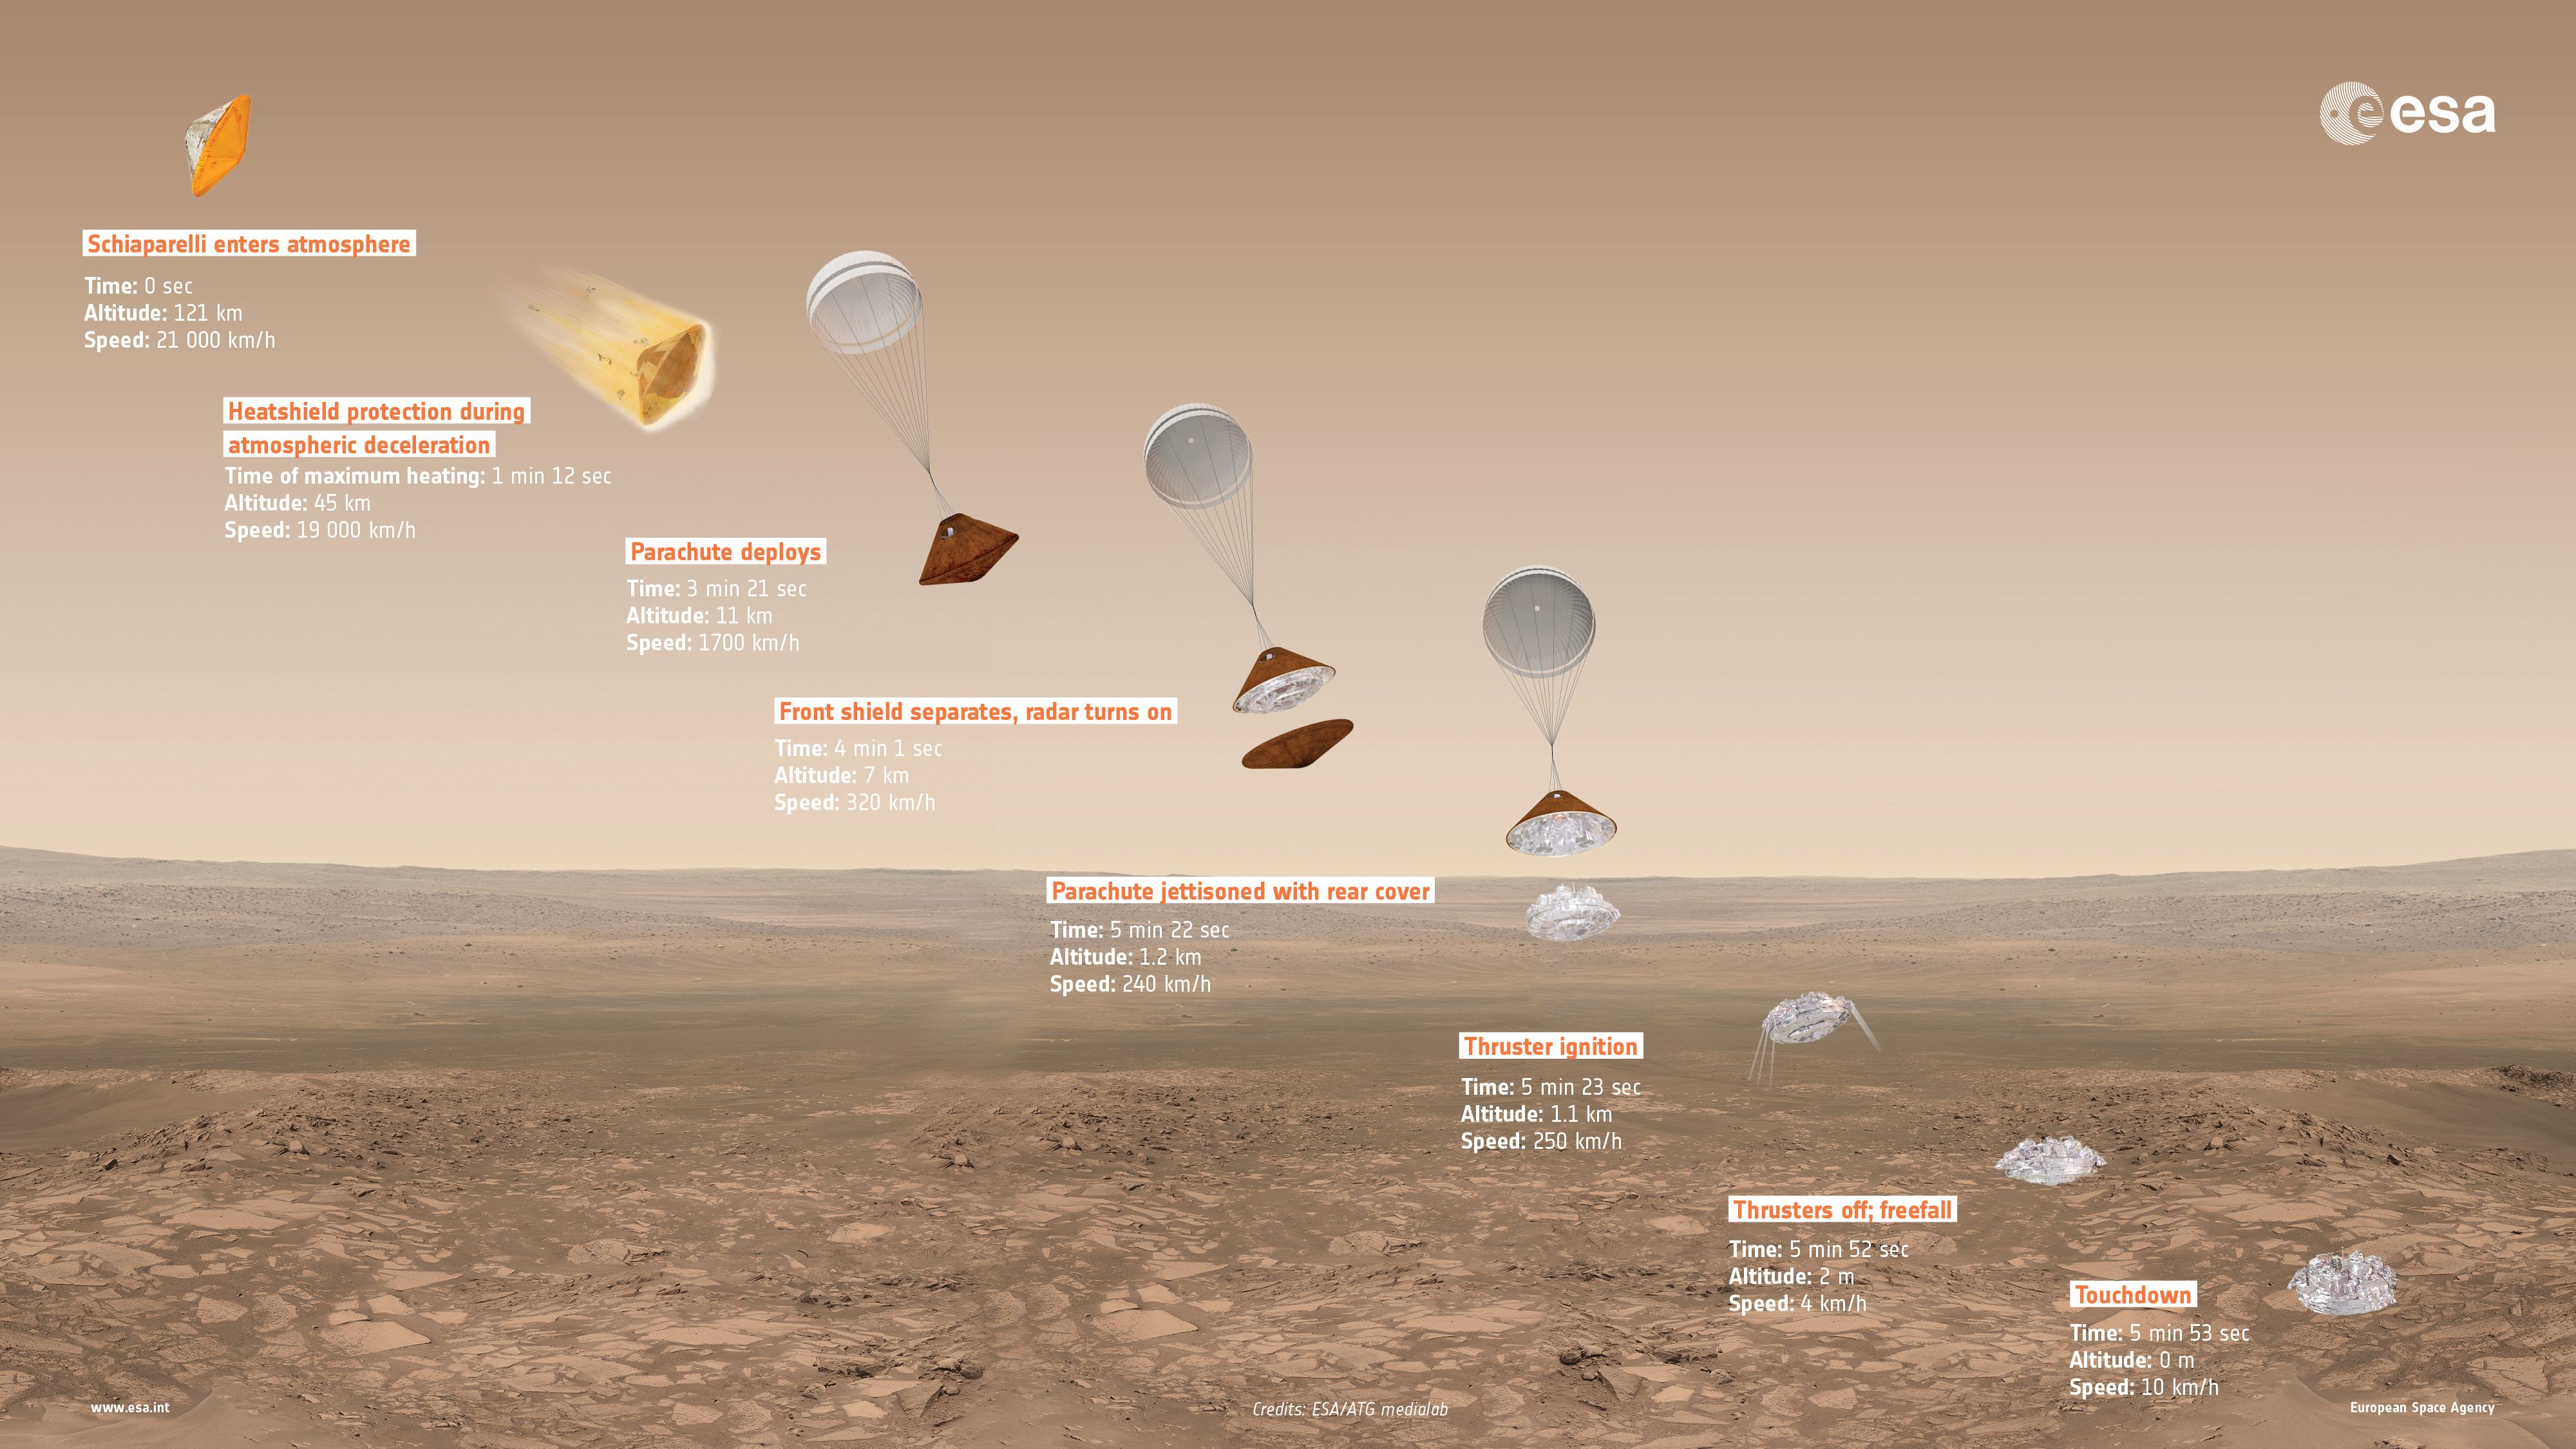 Slik skal Schiaparelli, ExoMars 2016 sin testmodul for roverlanding, lande i Oxia Planum på vår røde naboplanet. Grafikk: ESA/ATG medialab